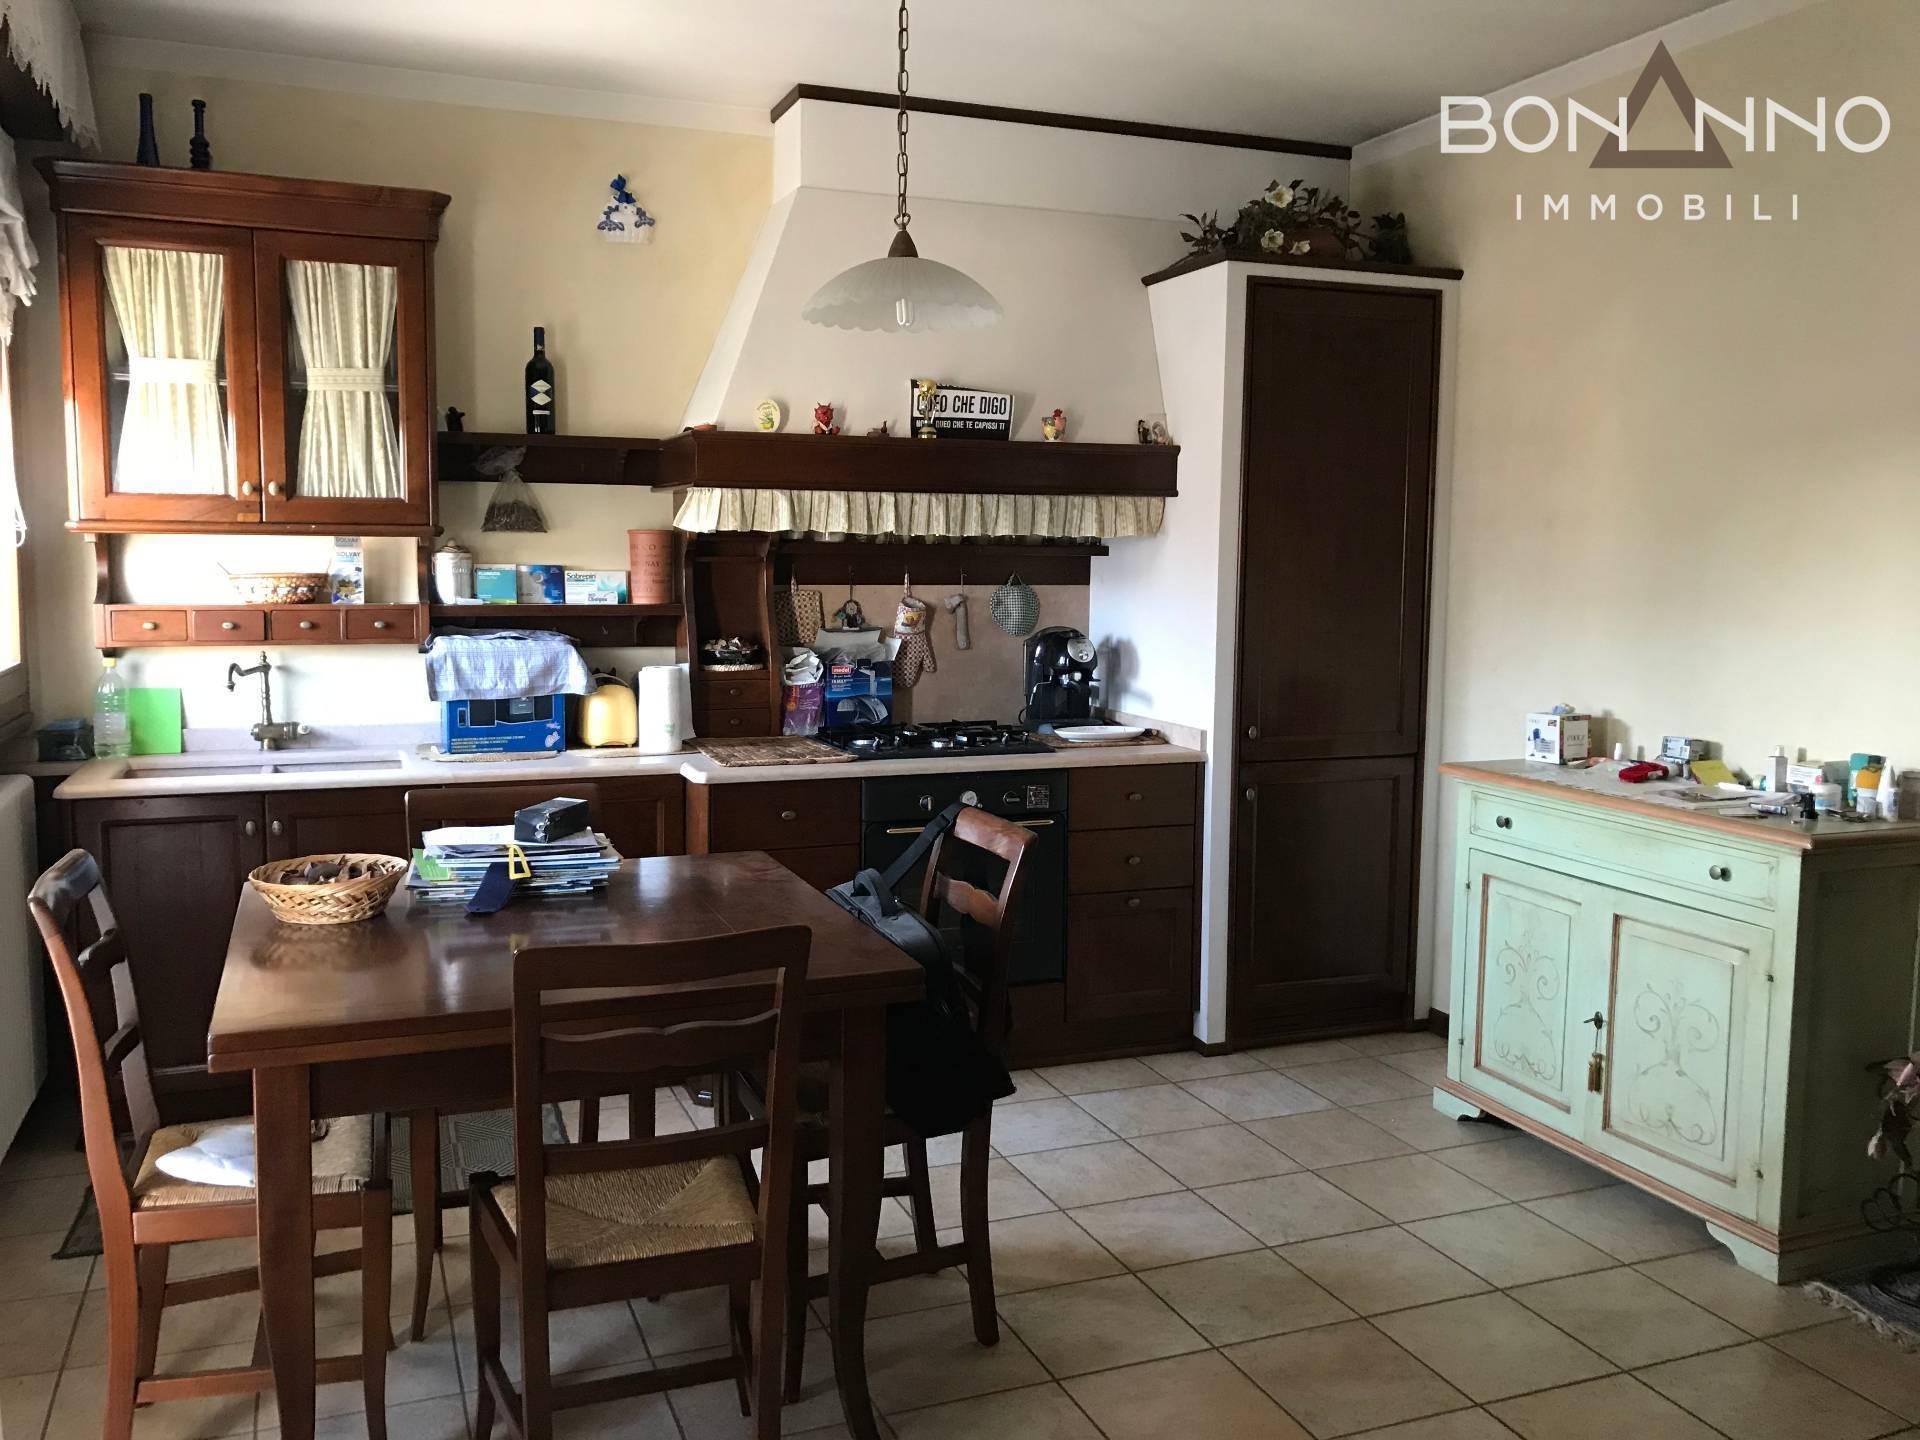 Appartamento in vendita a Carmignano di Brenta, 2 locali, prezzo € 120.000   PortaleAgenzieImmobiliari.it